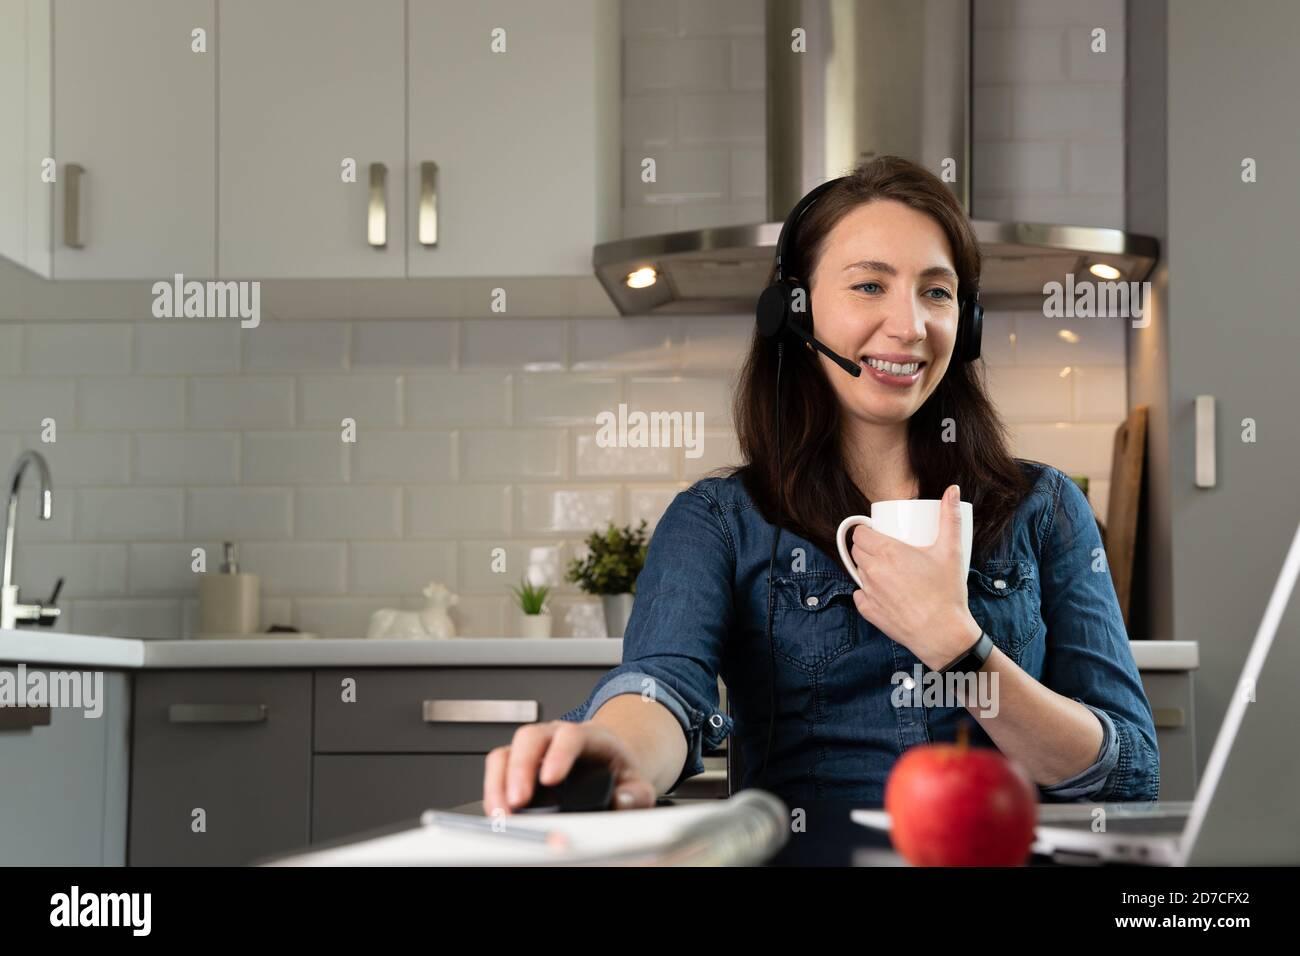 Les femmes participent à une conférence téléphonique et affichent leur plan d'entreprise sur un tableau blanc pour enfants. Concept de travail à domicile. Banque D'Images